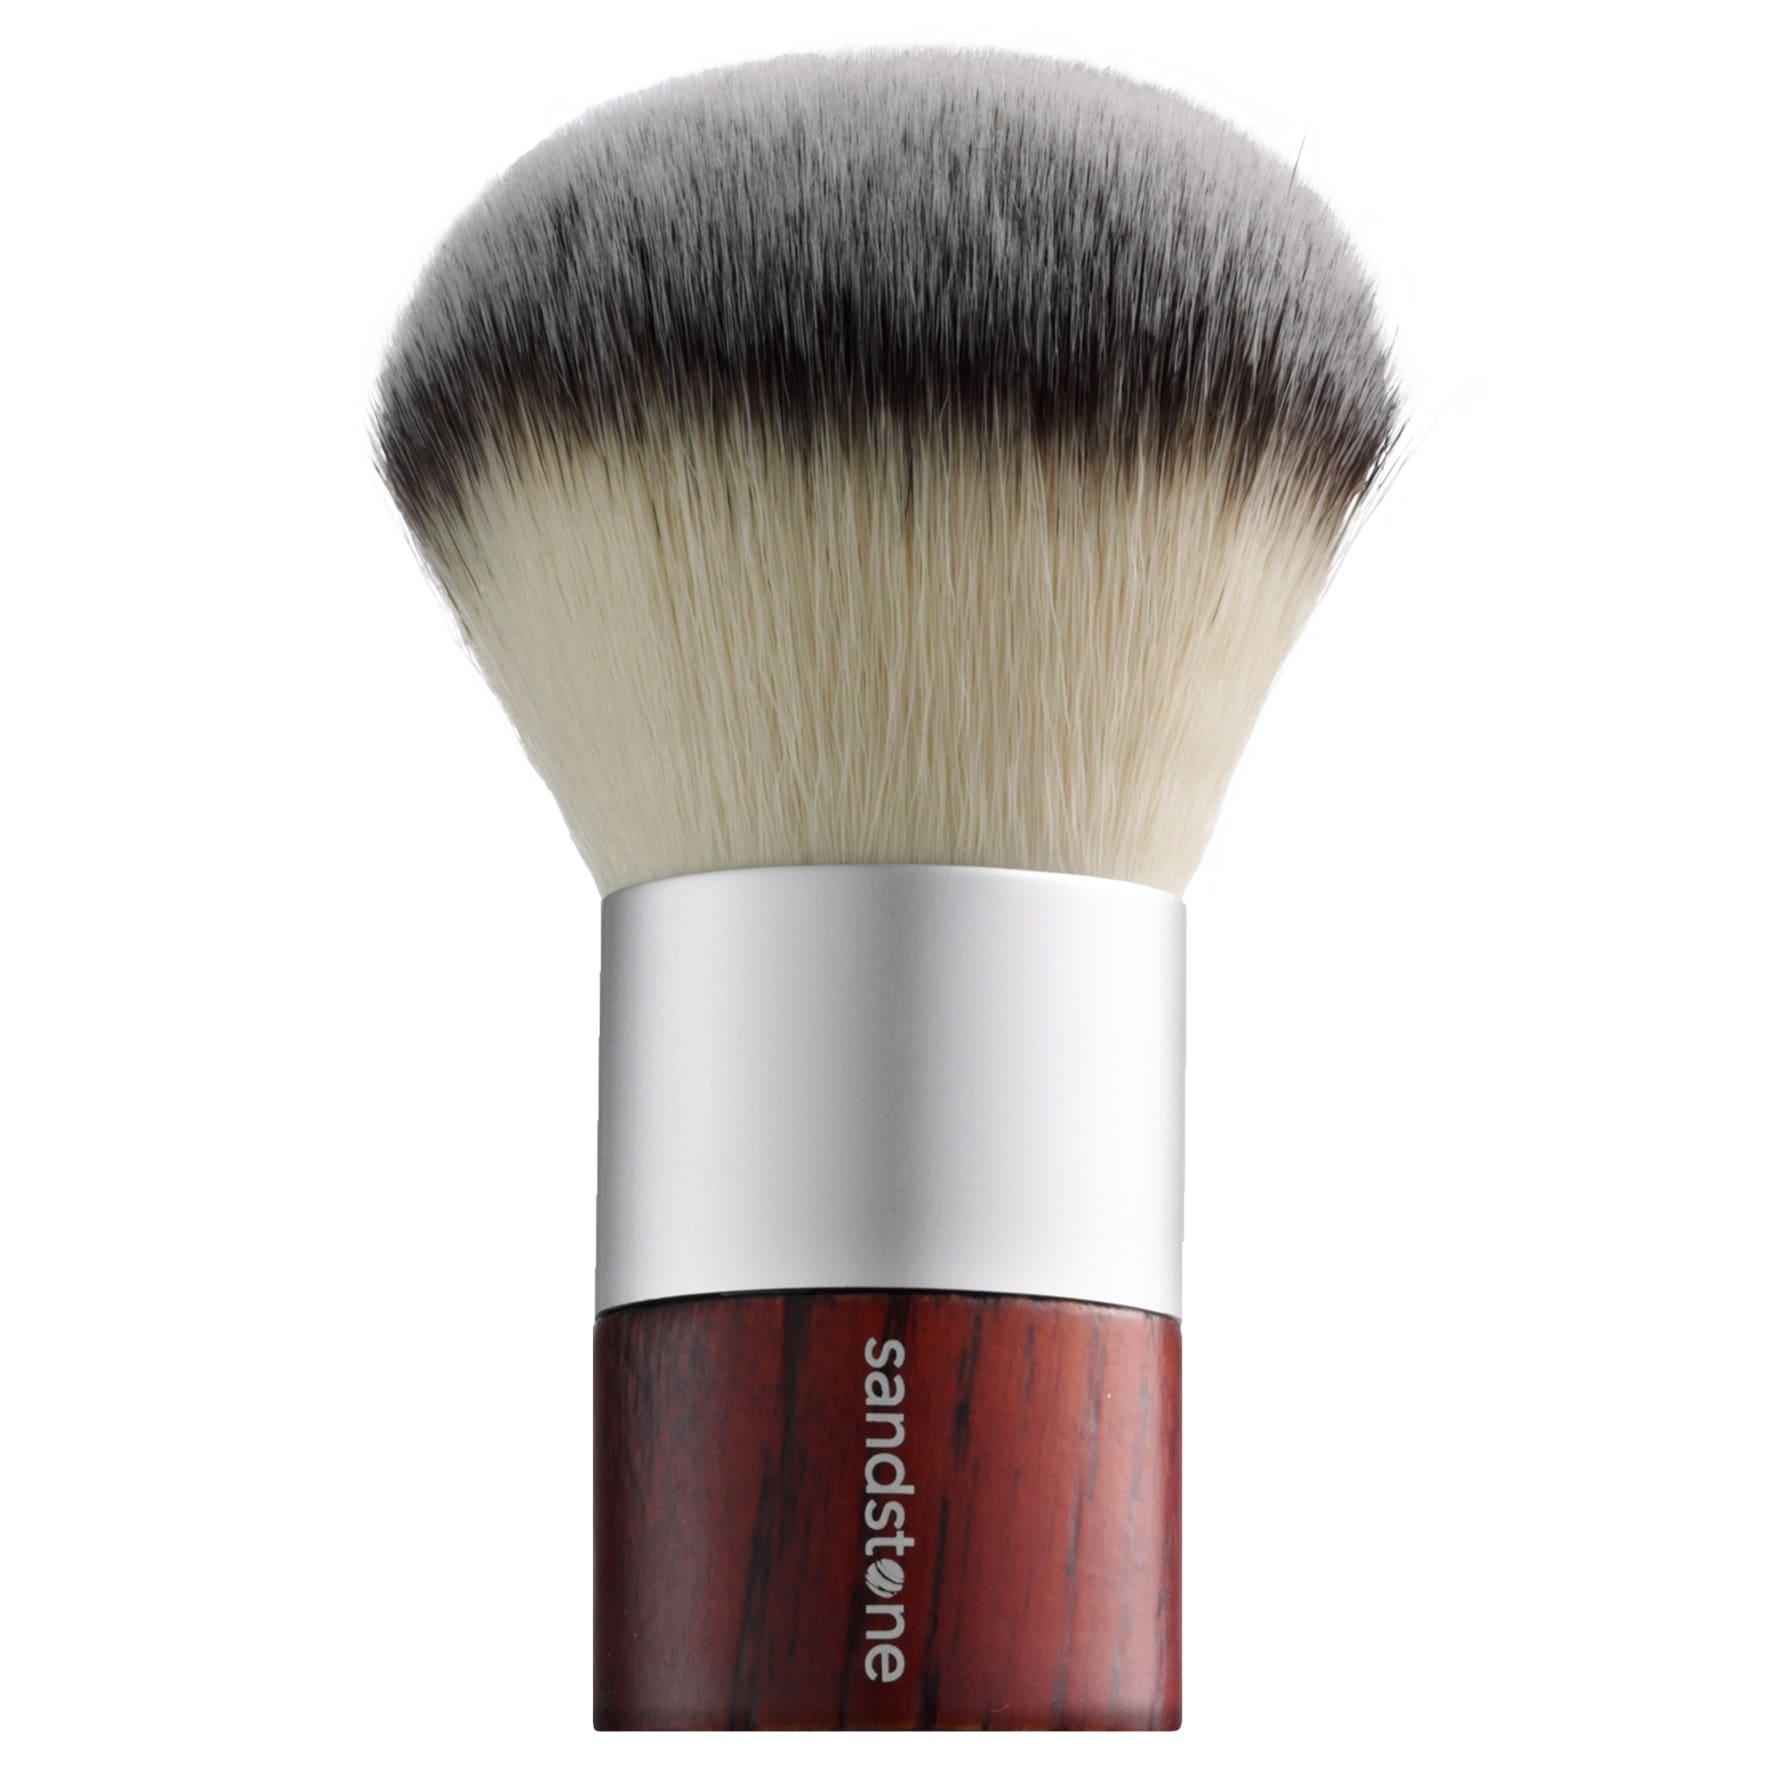 Sandstone Kabuki Brush